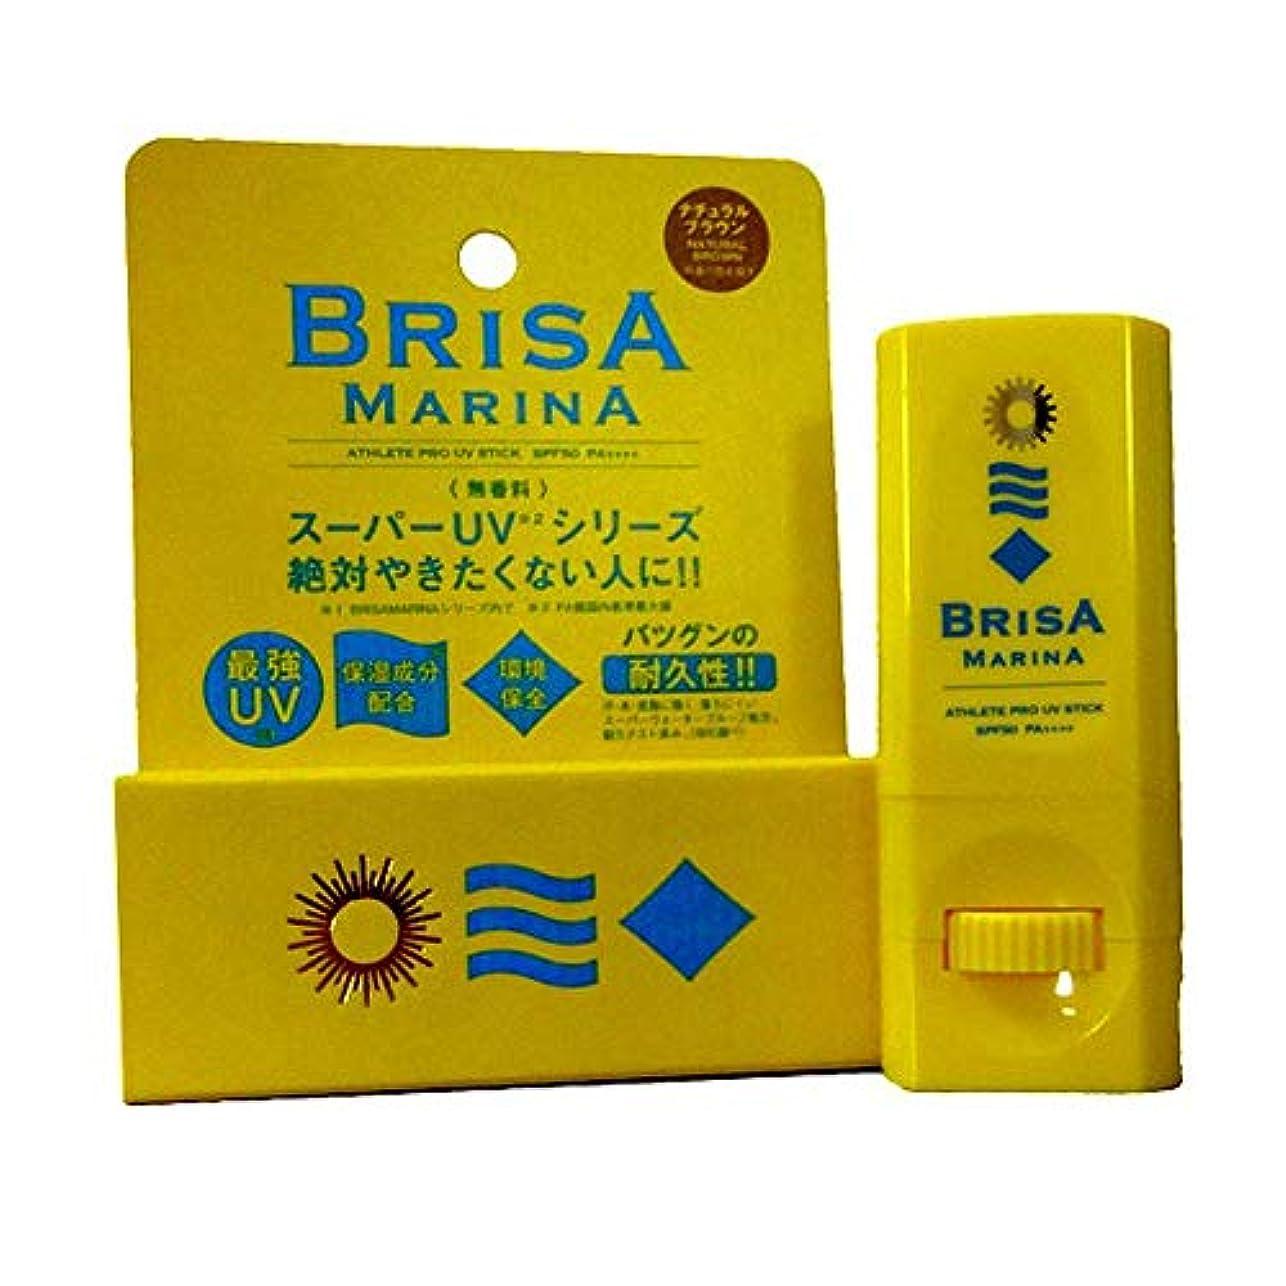 収益ケーキけん引BRISA MARINA(ブリサマリーナ) ATHLETE PRO UV STICK 10g 日焼け止め スティック (02-NATURAL BROWN)